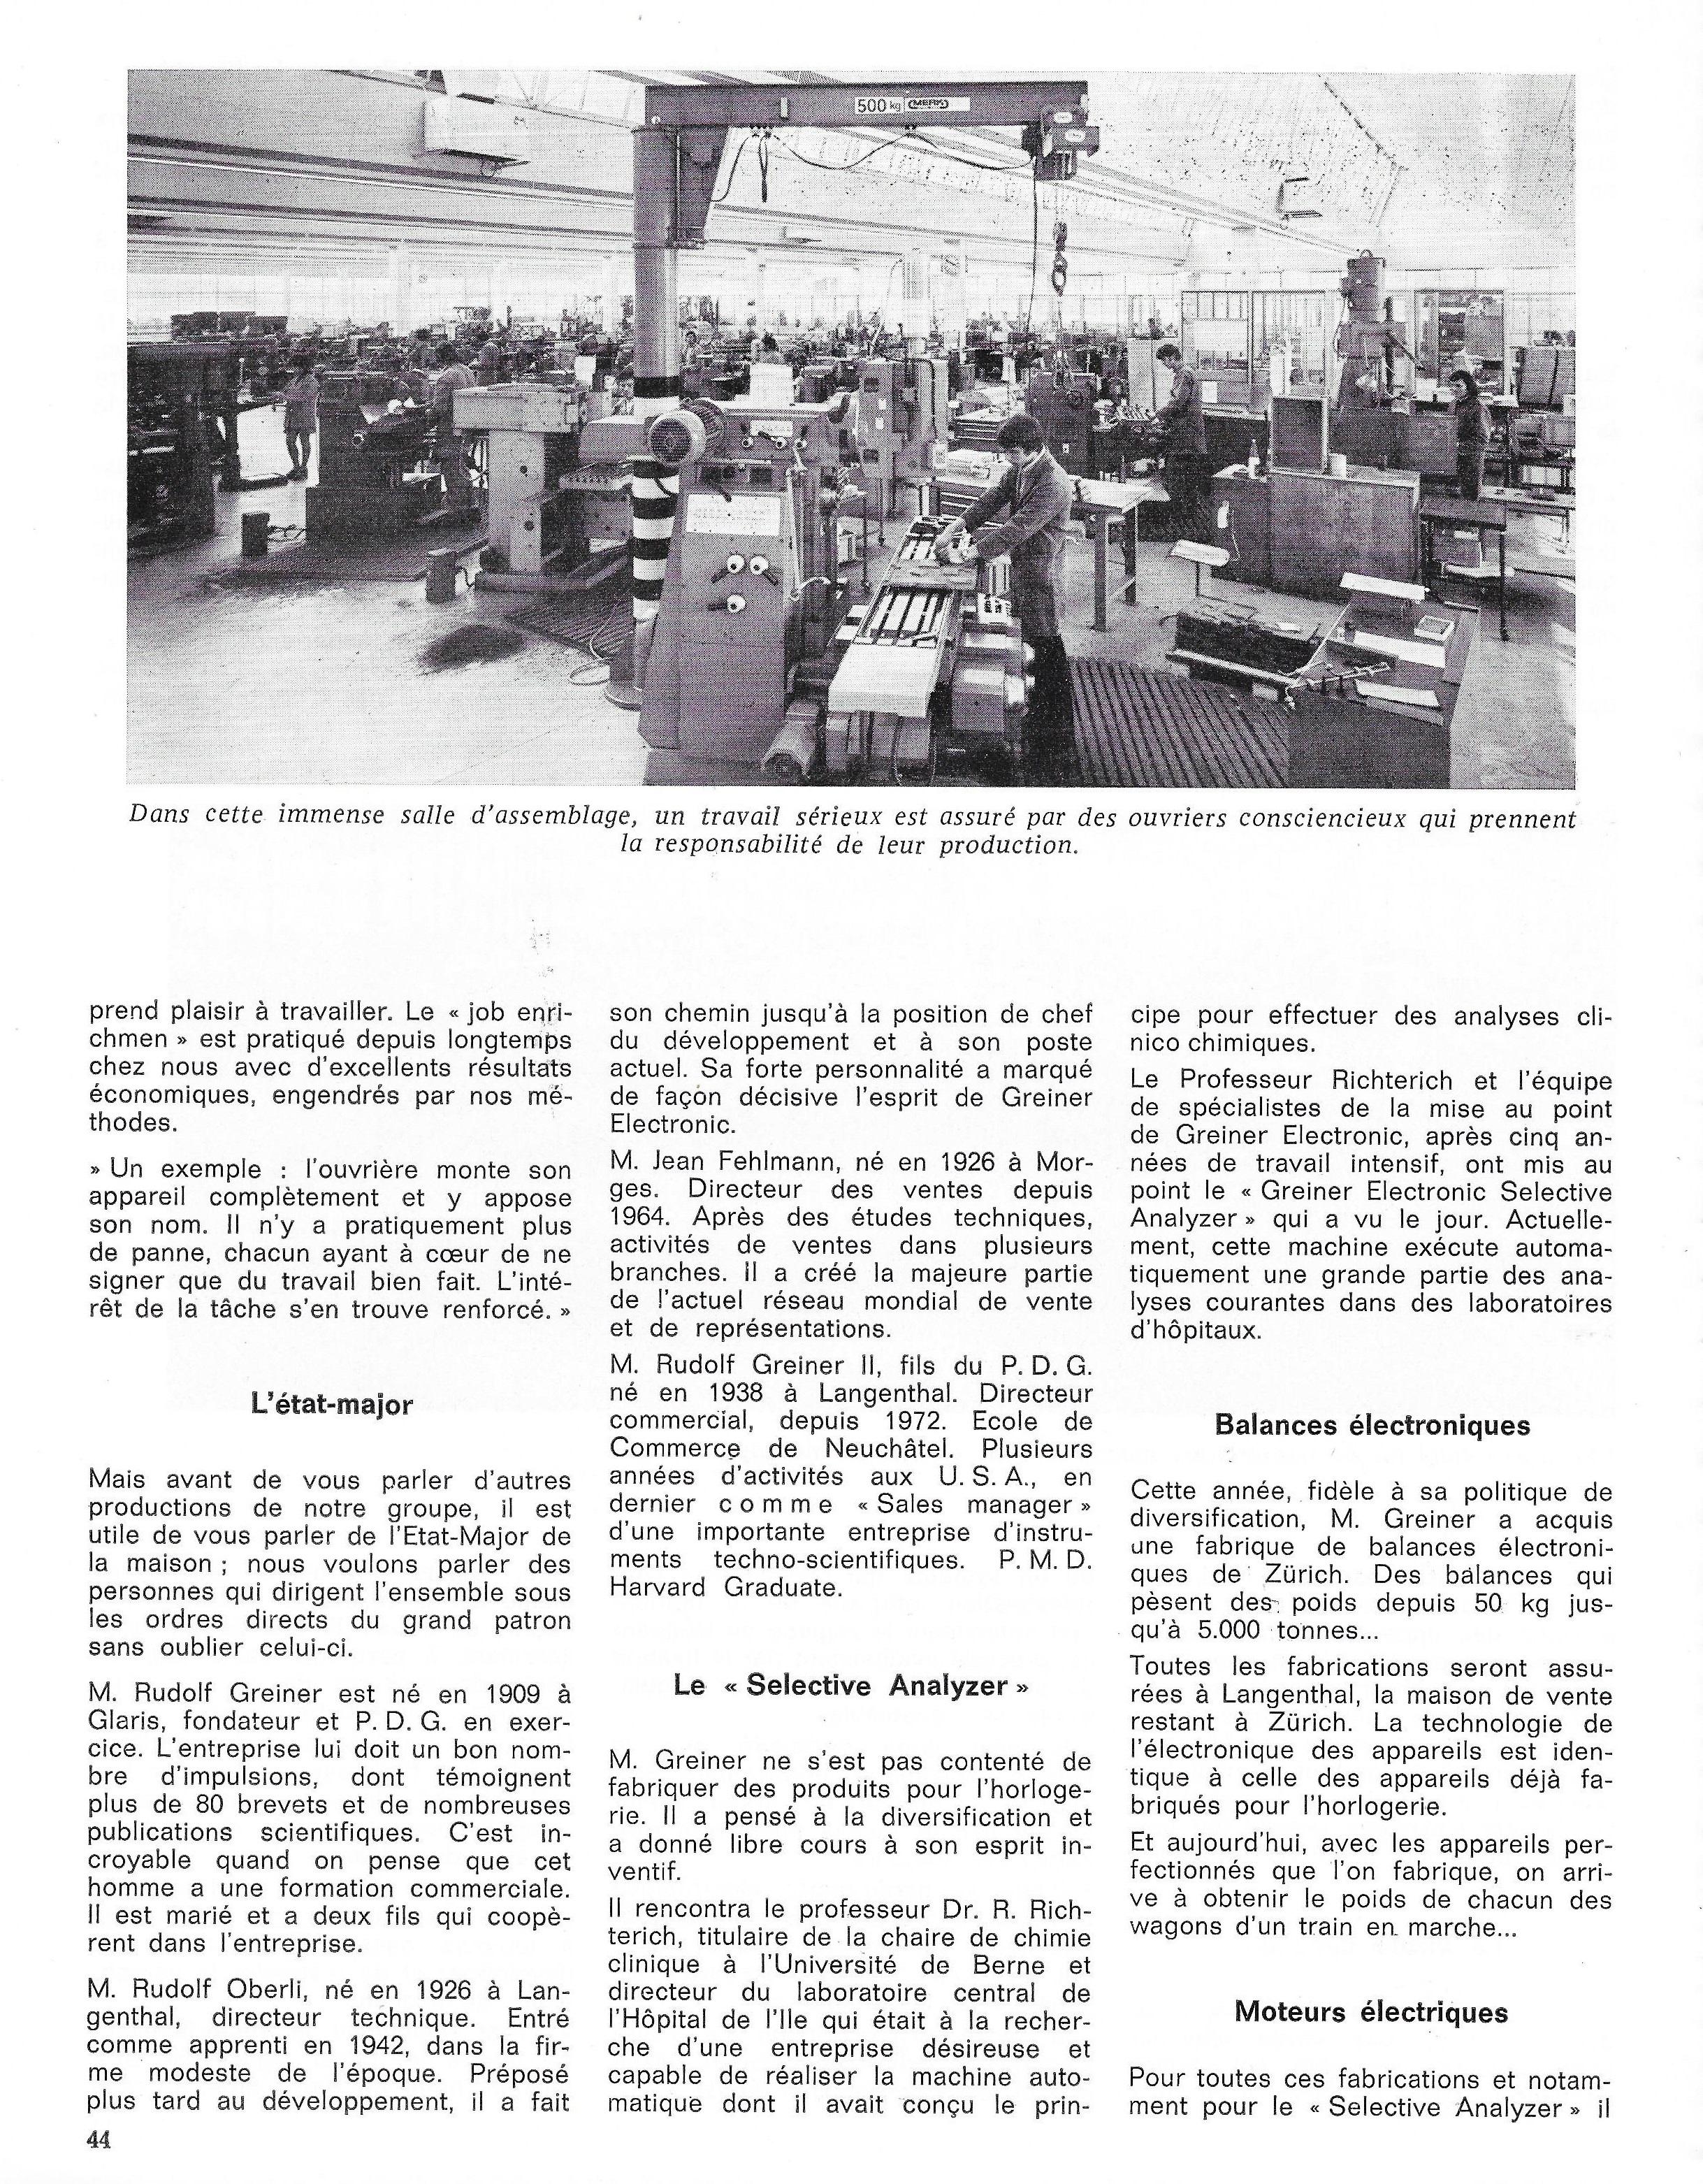 La France Horlogère page 44